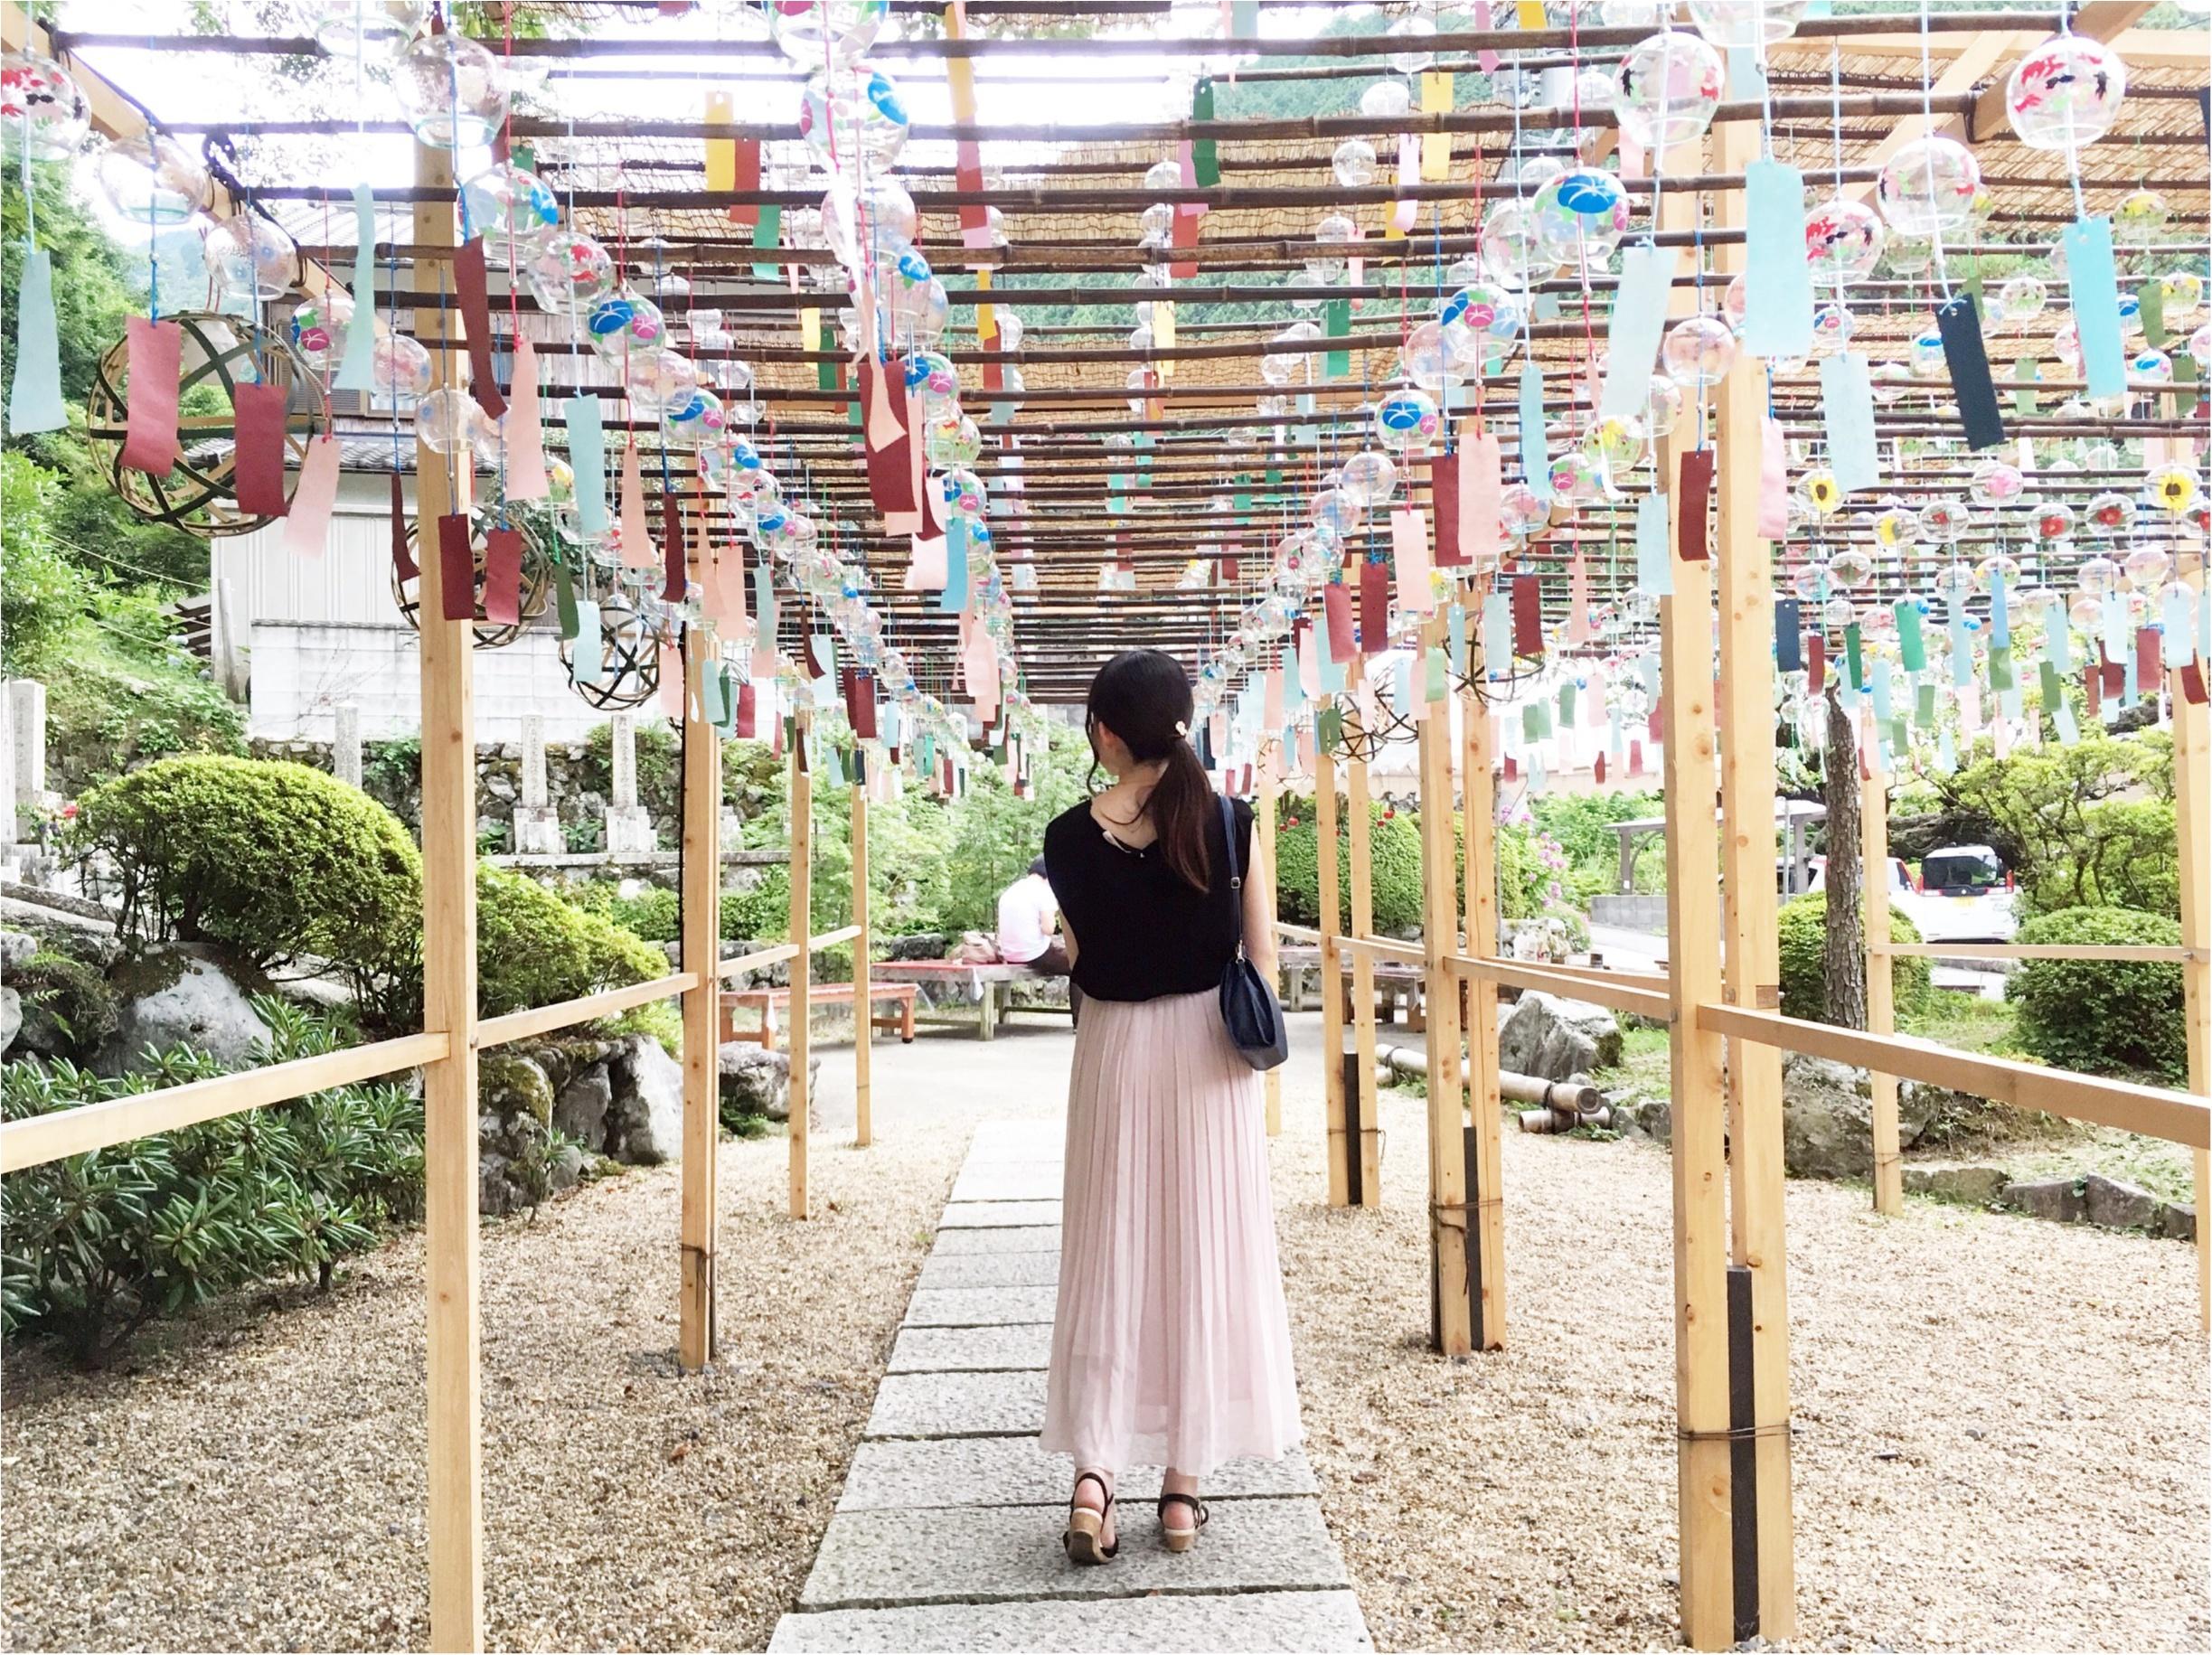 【フォトジェニックすぎる寺院】京都『正寿院』の魅力を紹介しちゃいます♡_8